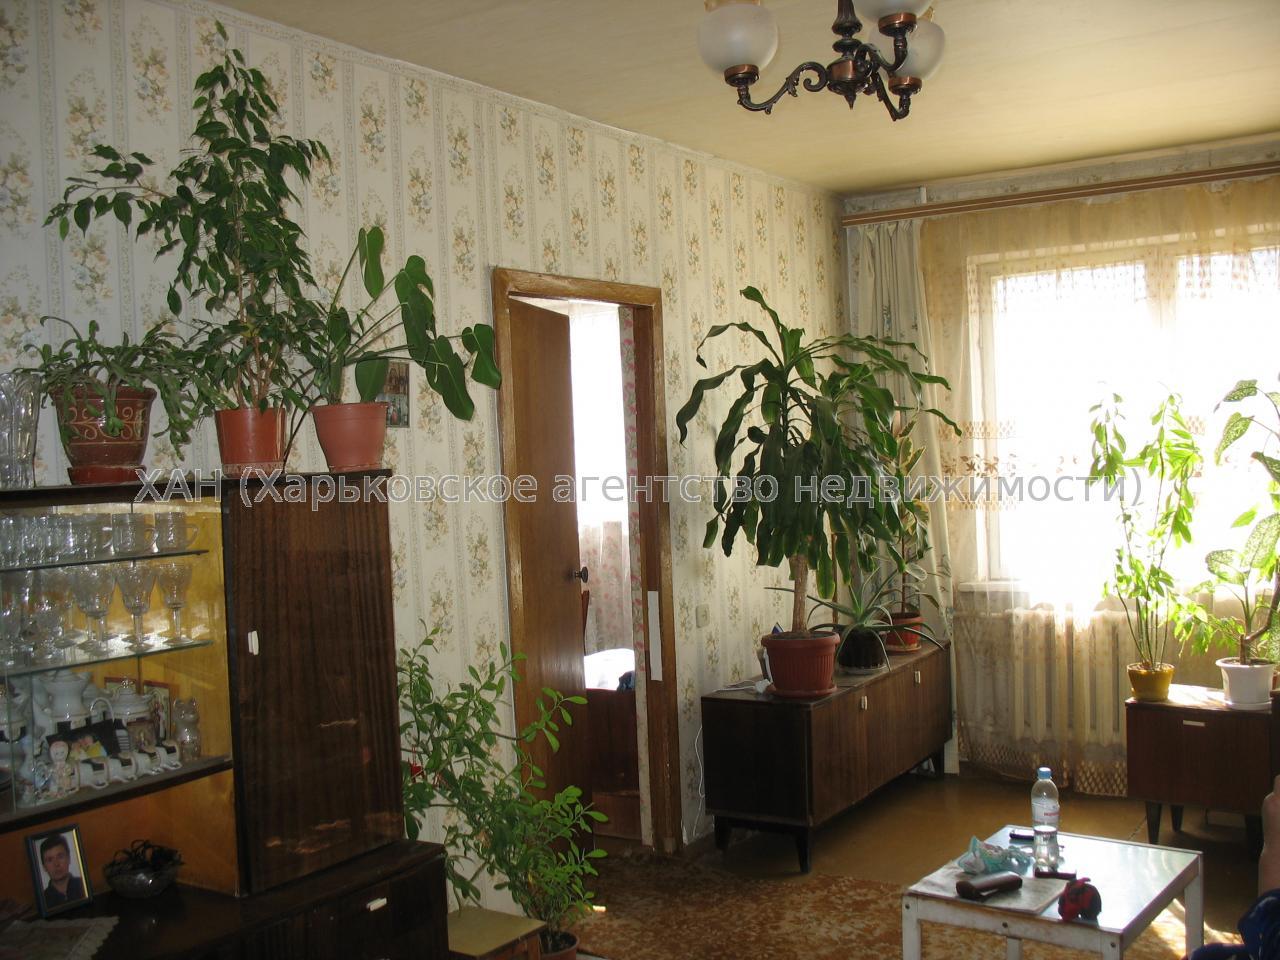 Фото 4 - Продам квартиру Харьков, Гагарина просп.